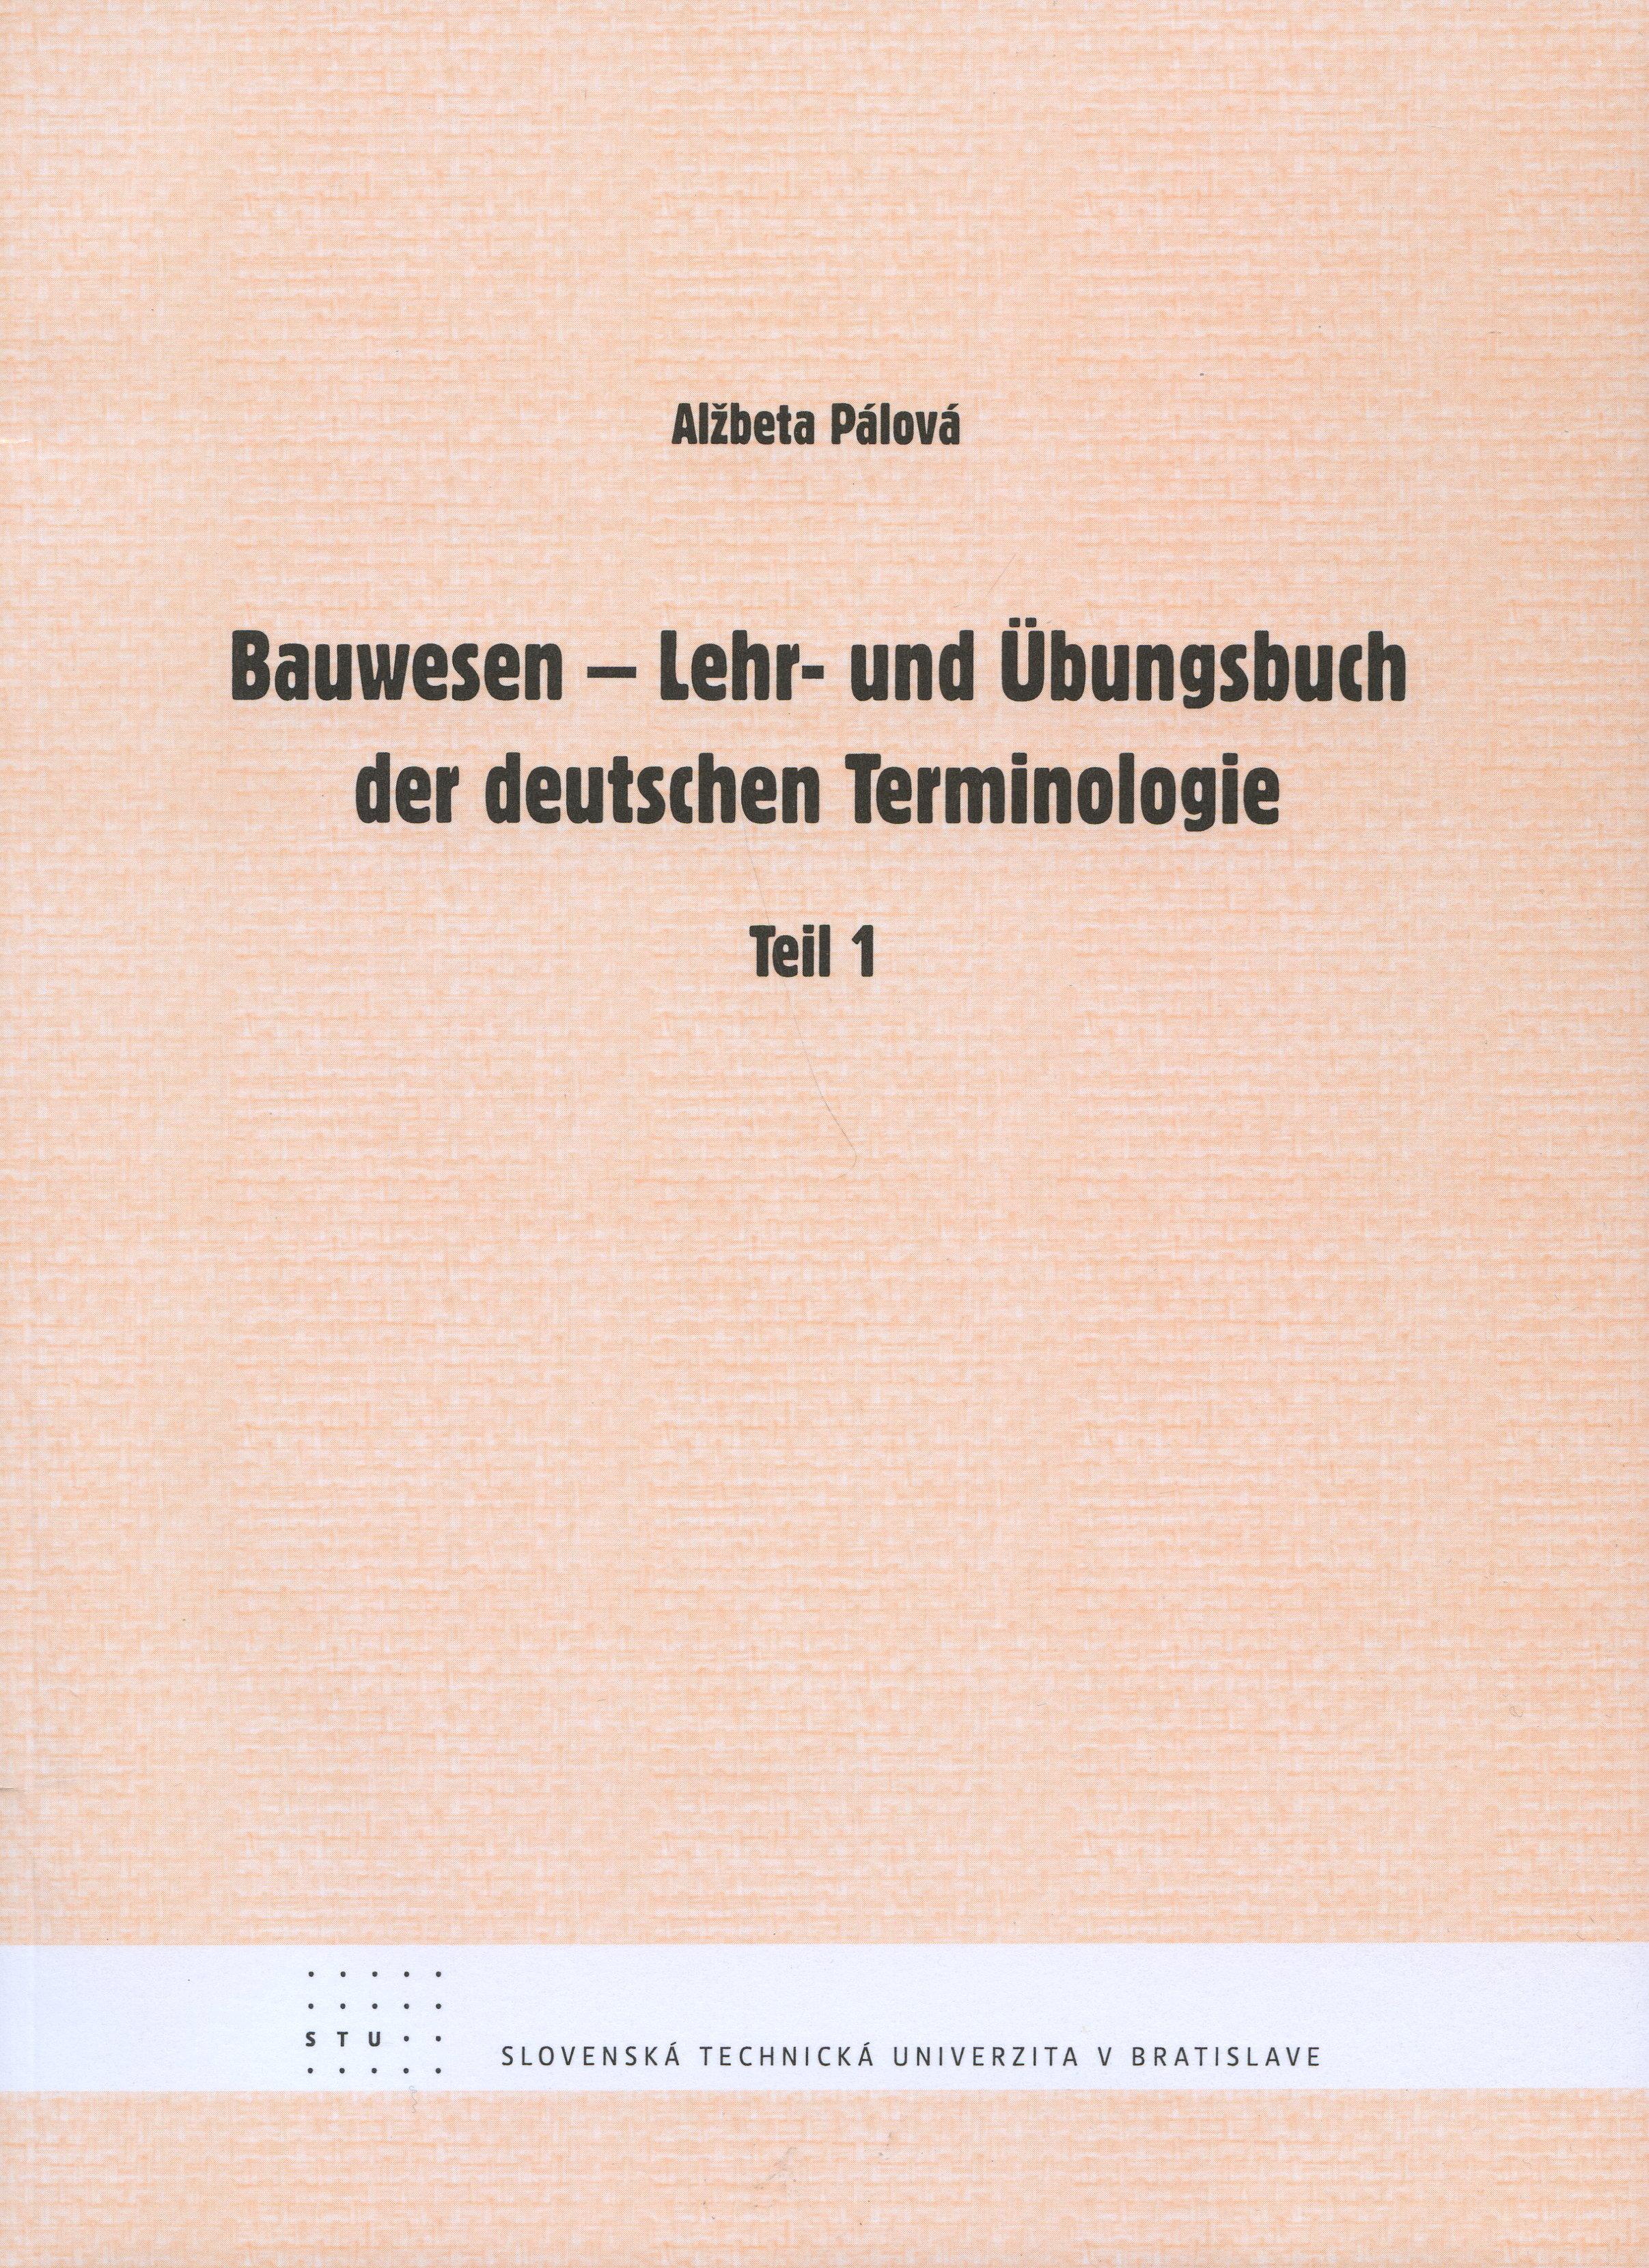 Bauwesen - Lehr- und Ubungsbuch der deutschen Terminologie - Teil 1